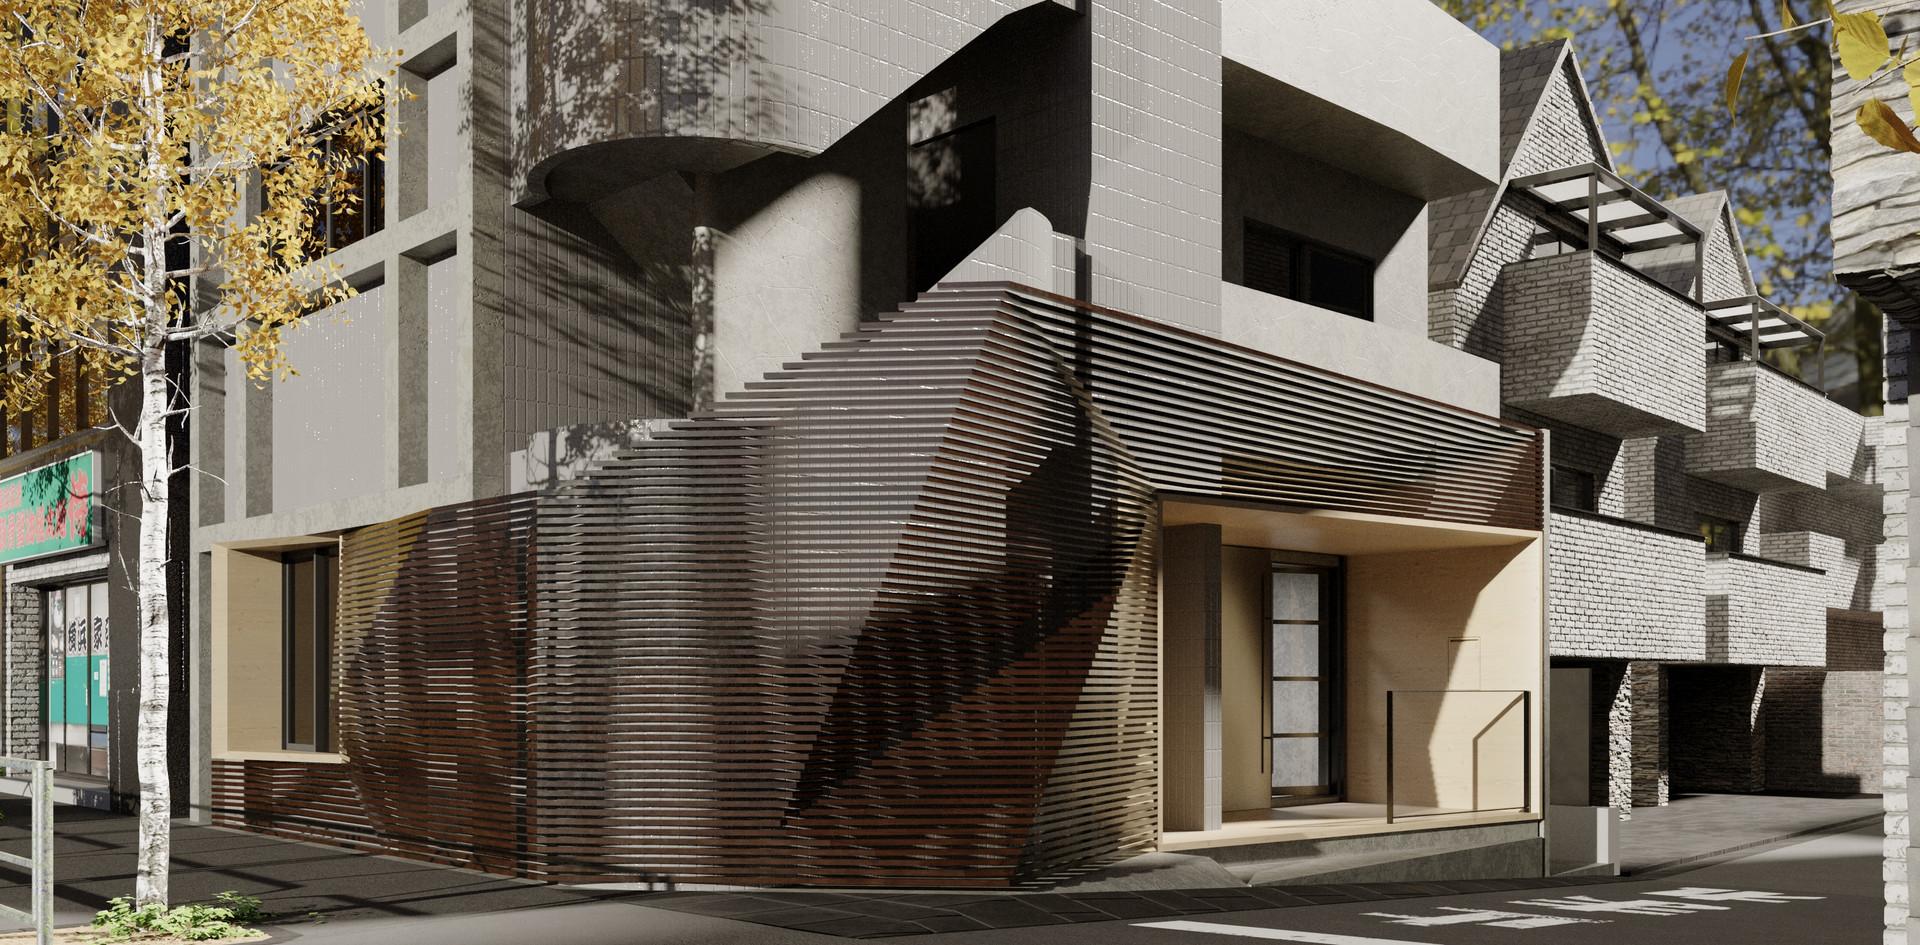 Fourier facade